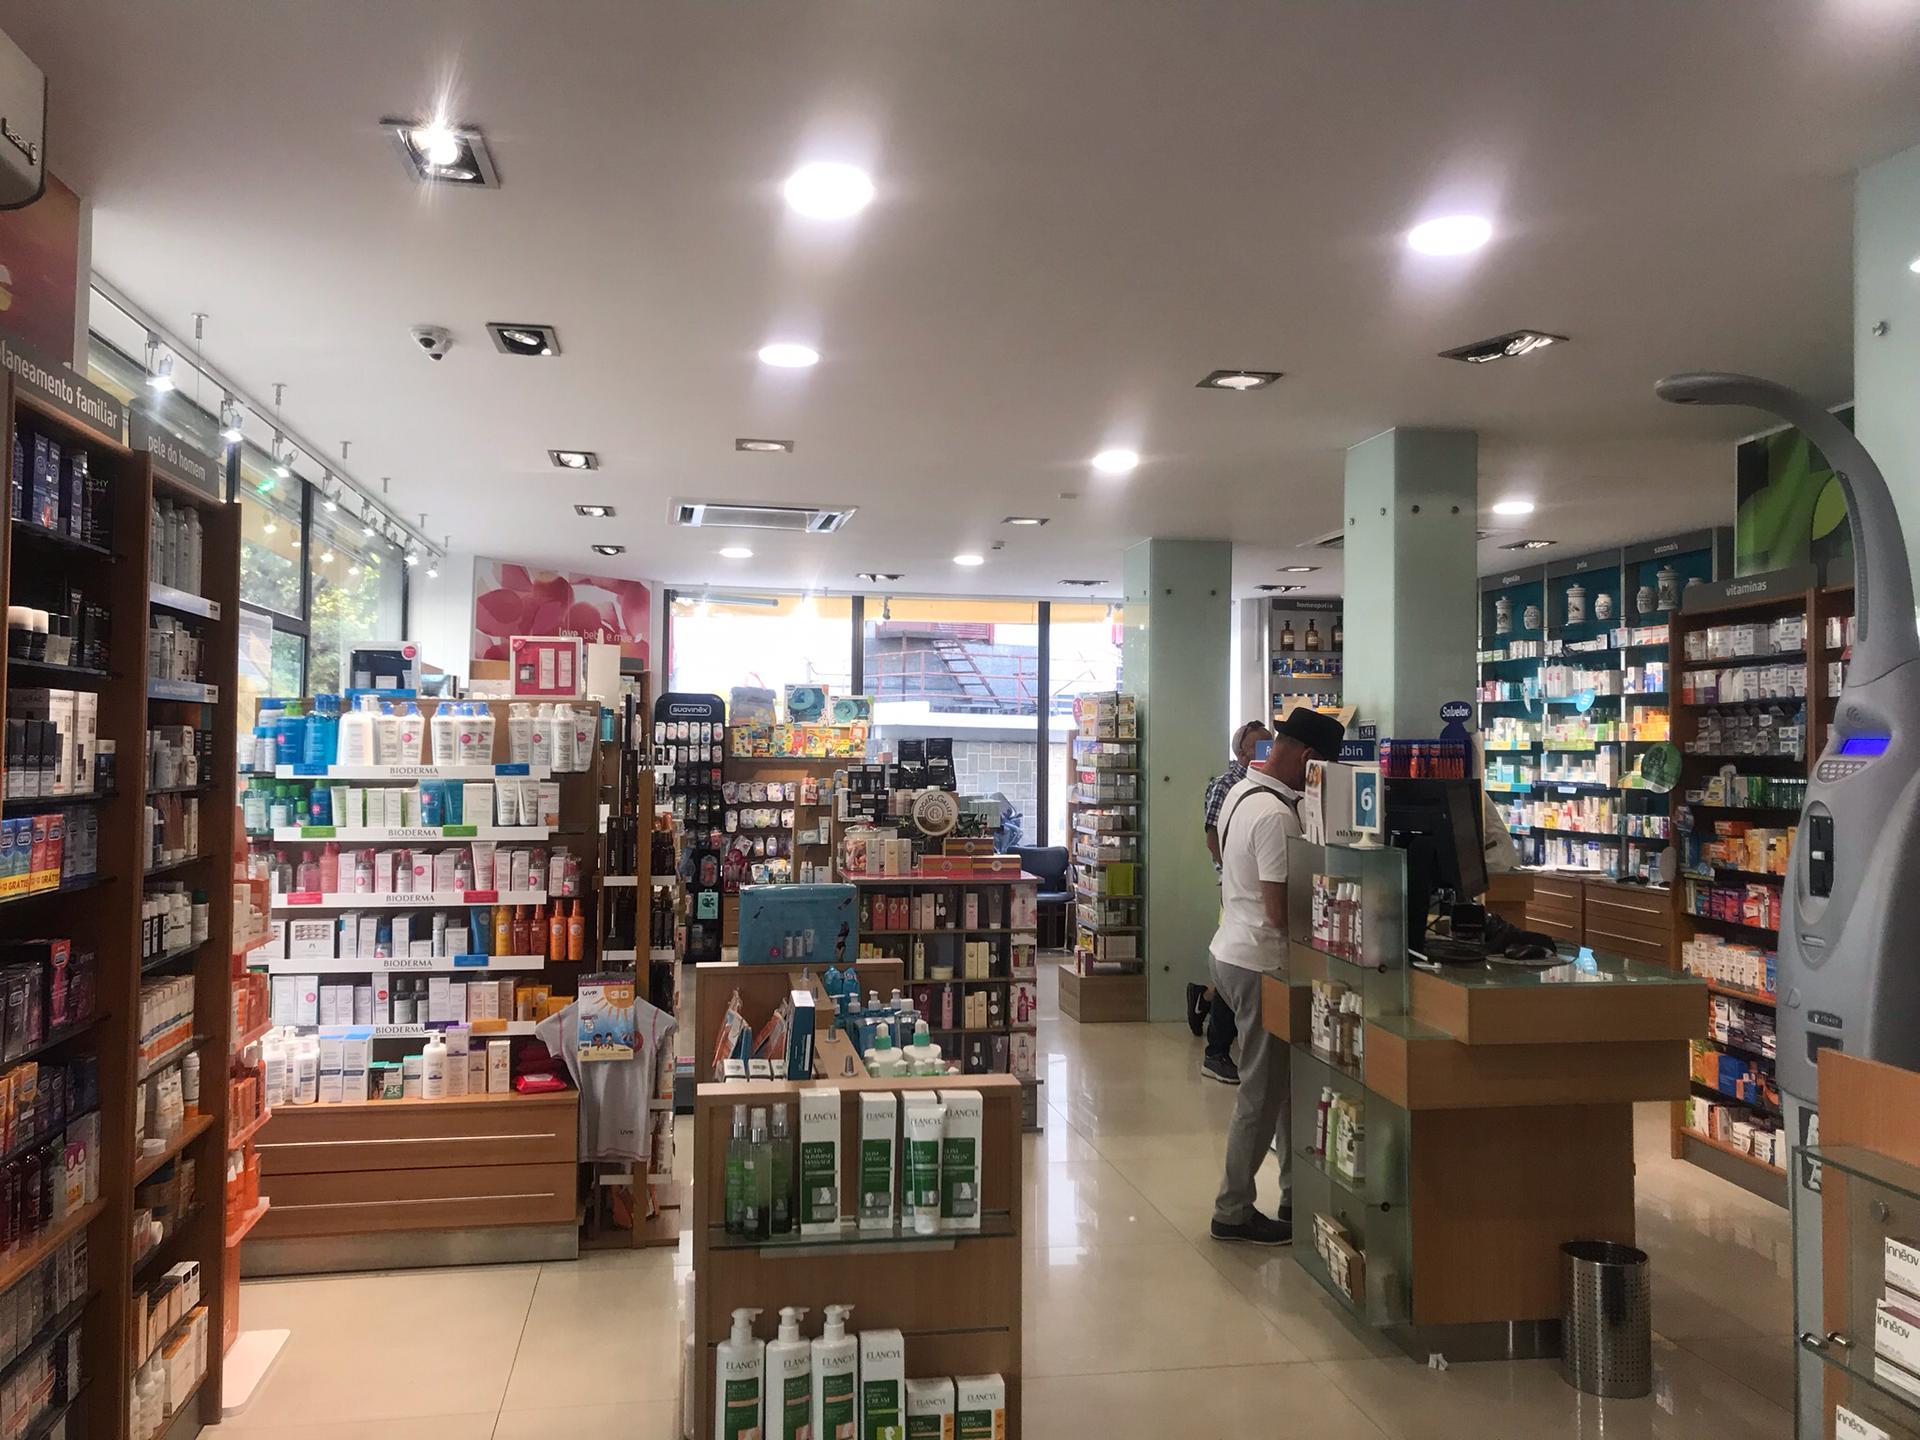 farmacia em Portugal_02 - nacionalidade portuguesa